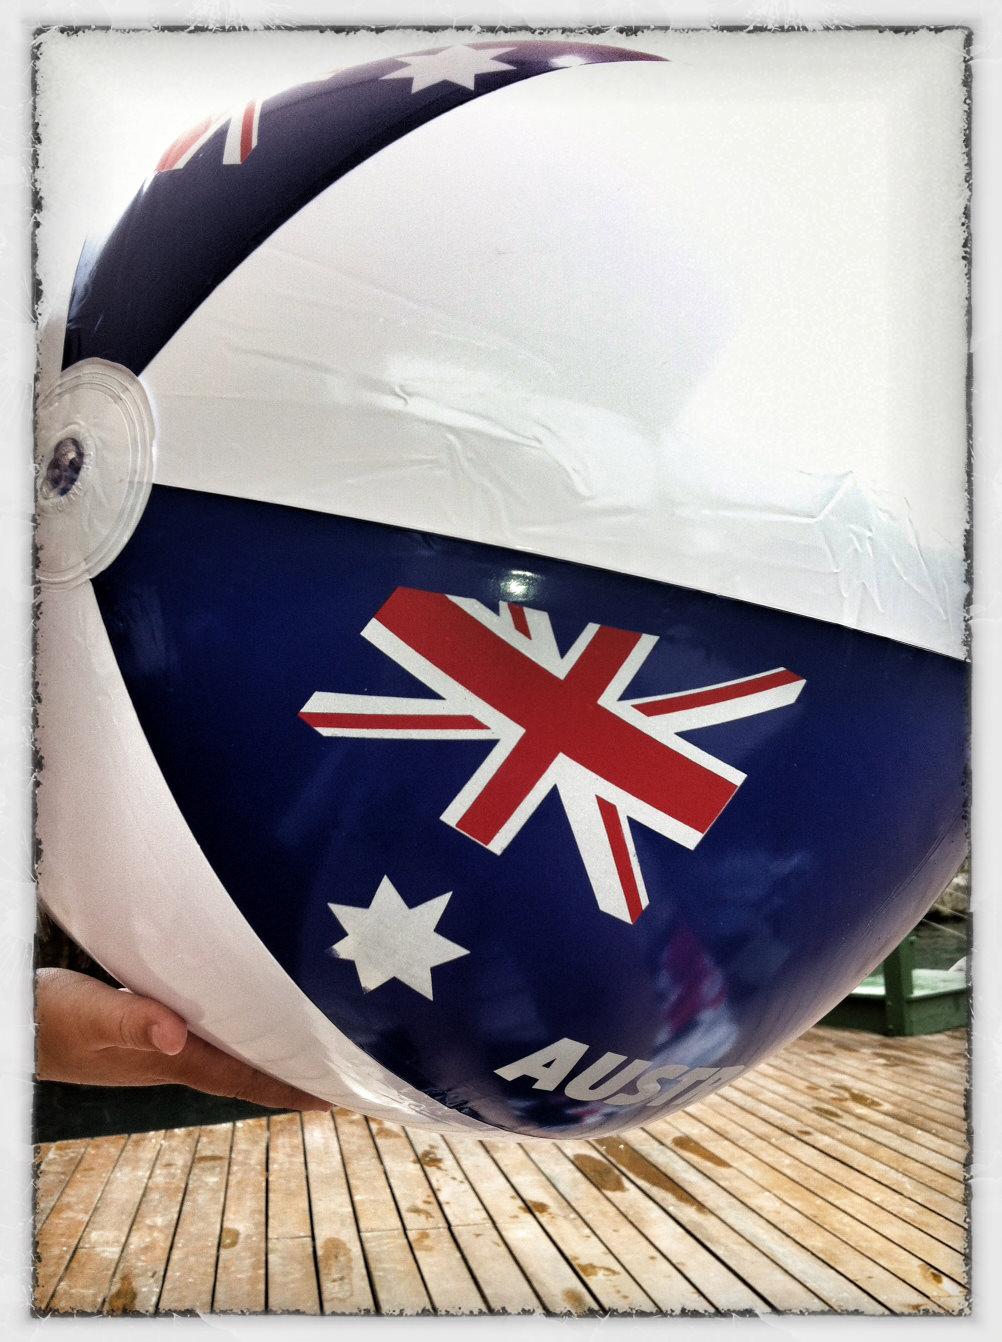 Australia Day Beach Ball